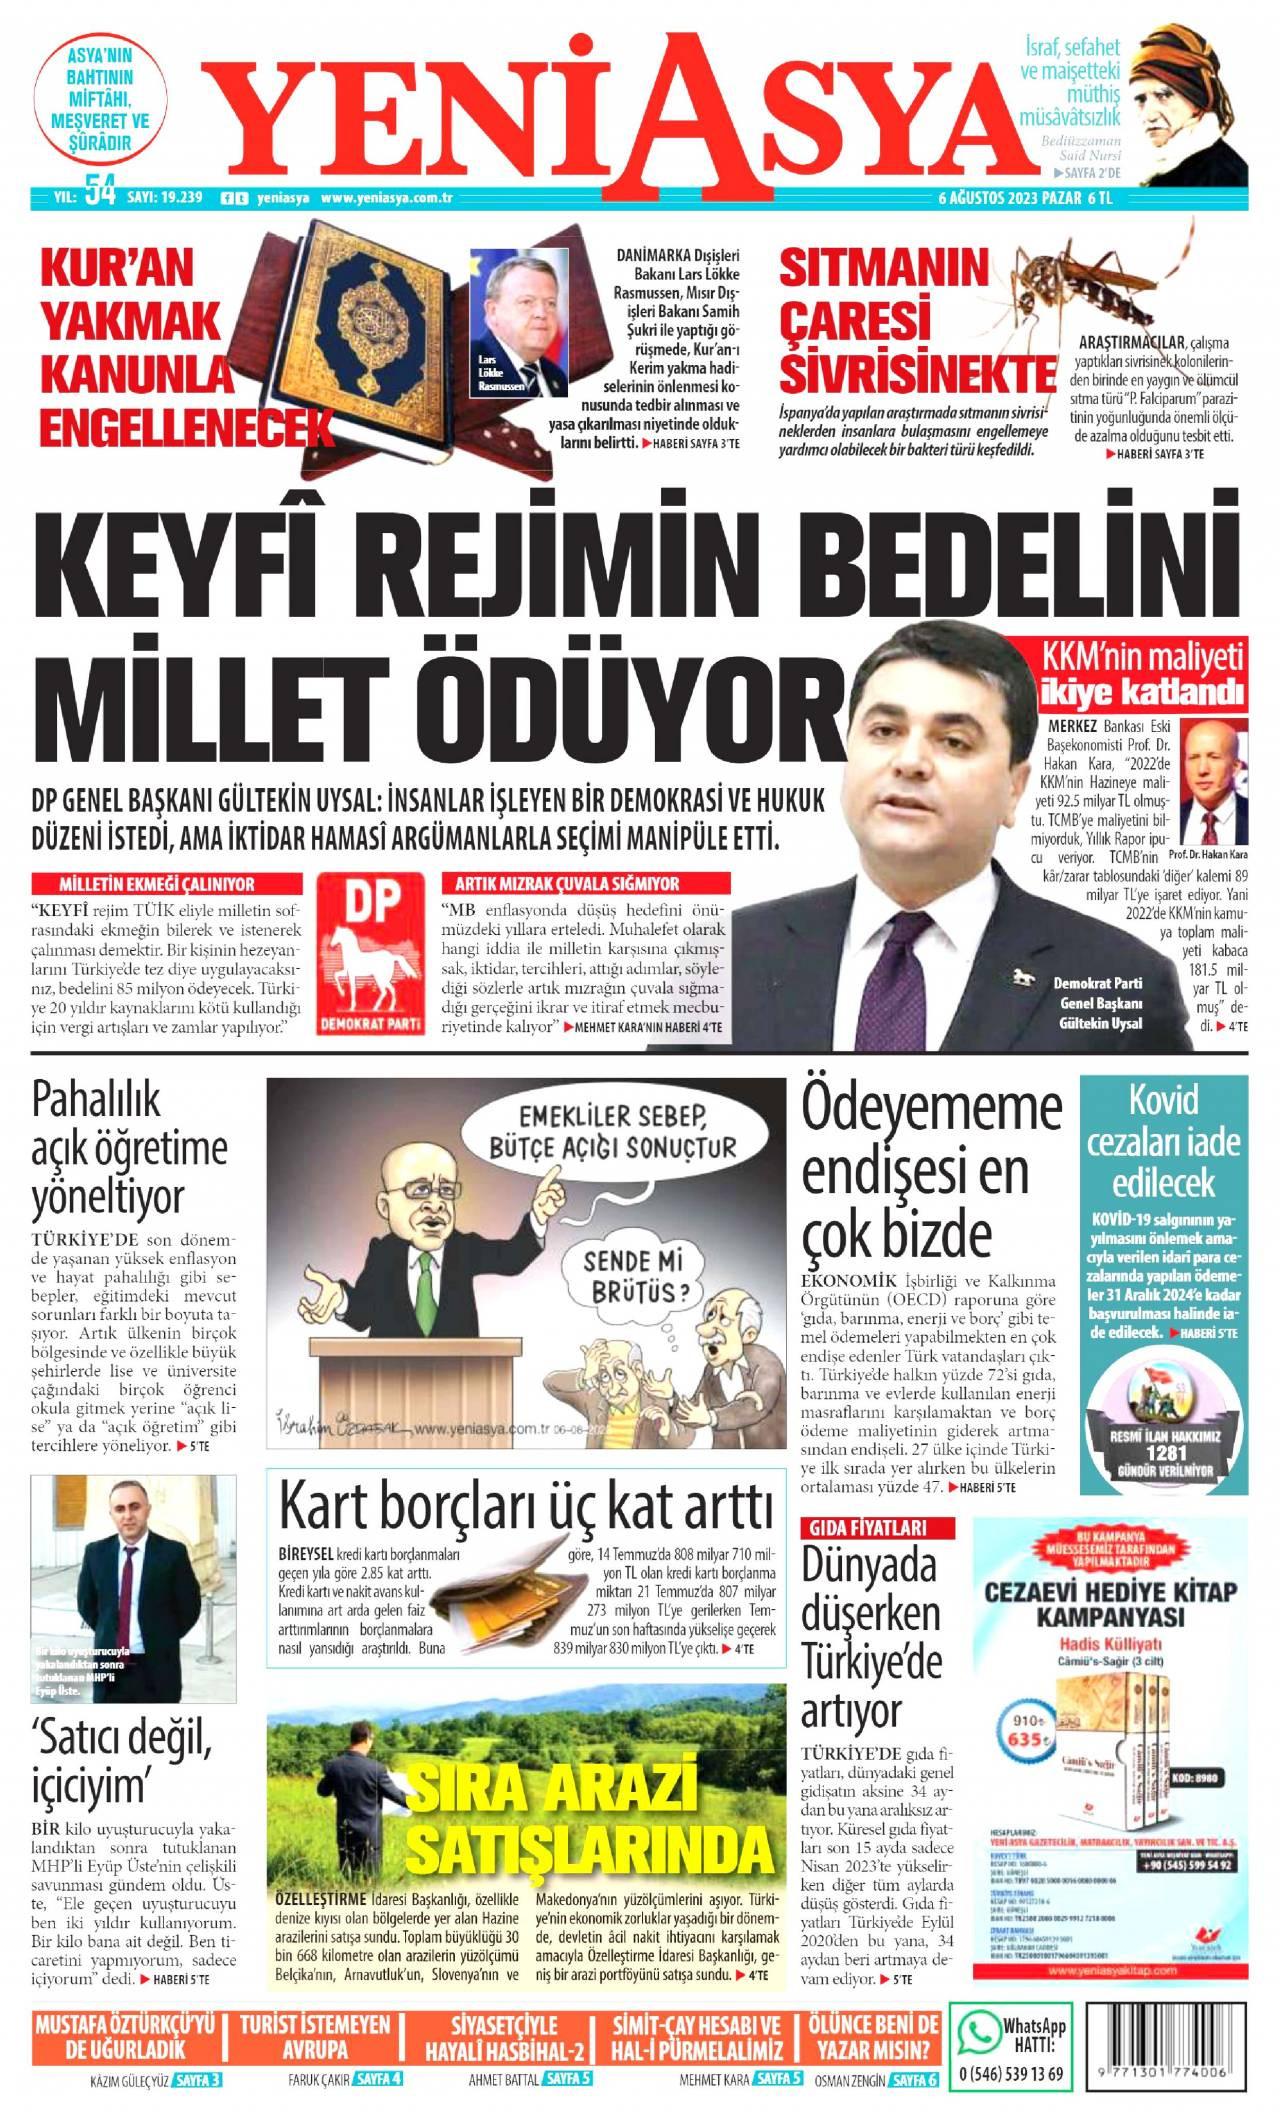 3 Haziran 2020, Çarşamba yeniasya Gazetesi